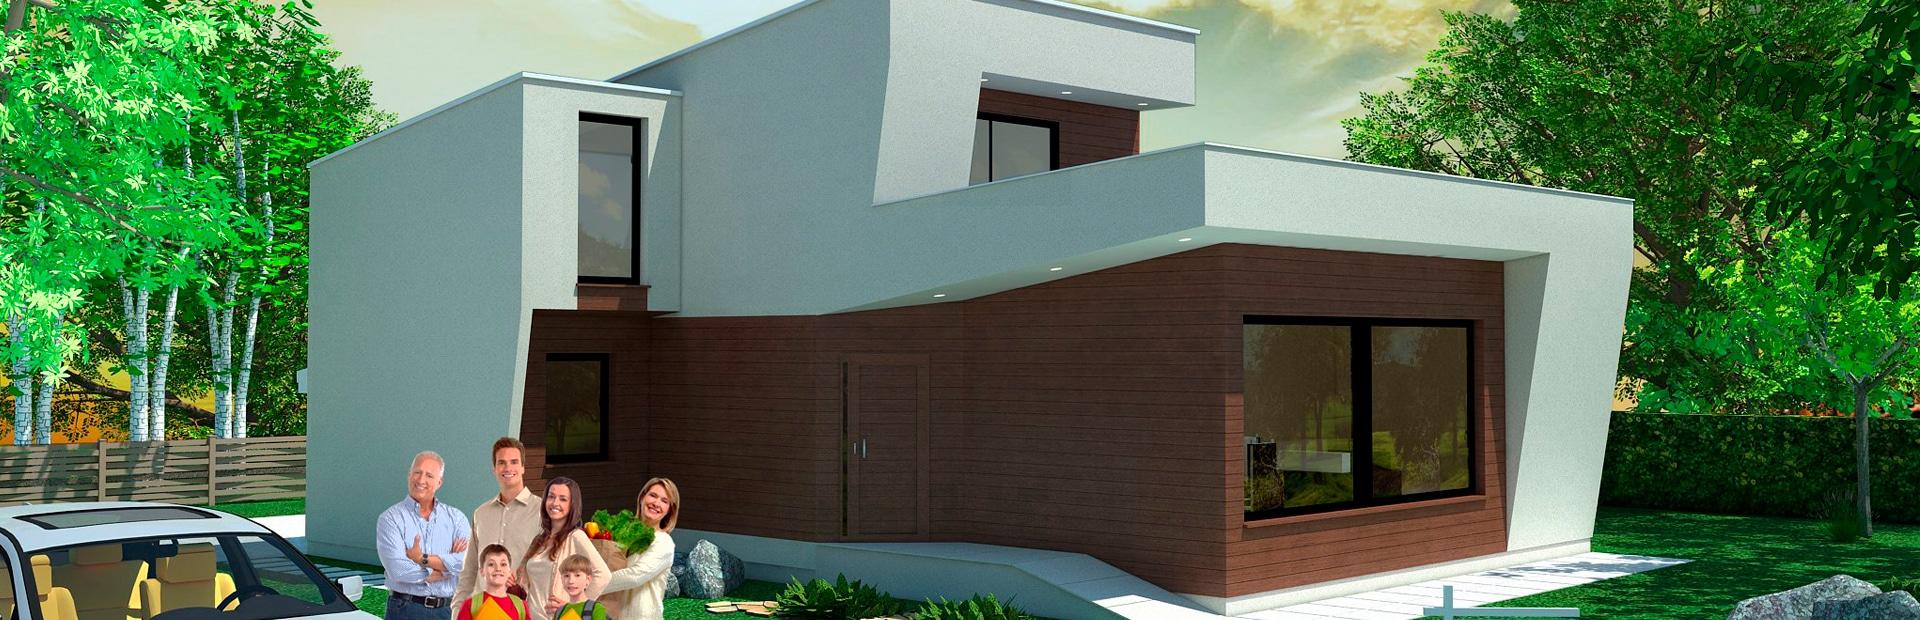 Casas Prefabricadas - Canexel Construcción Canadiense